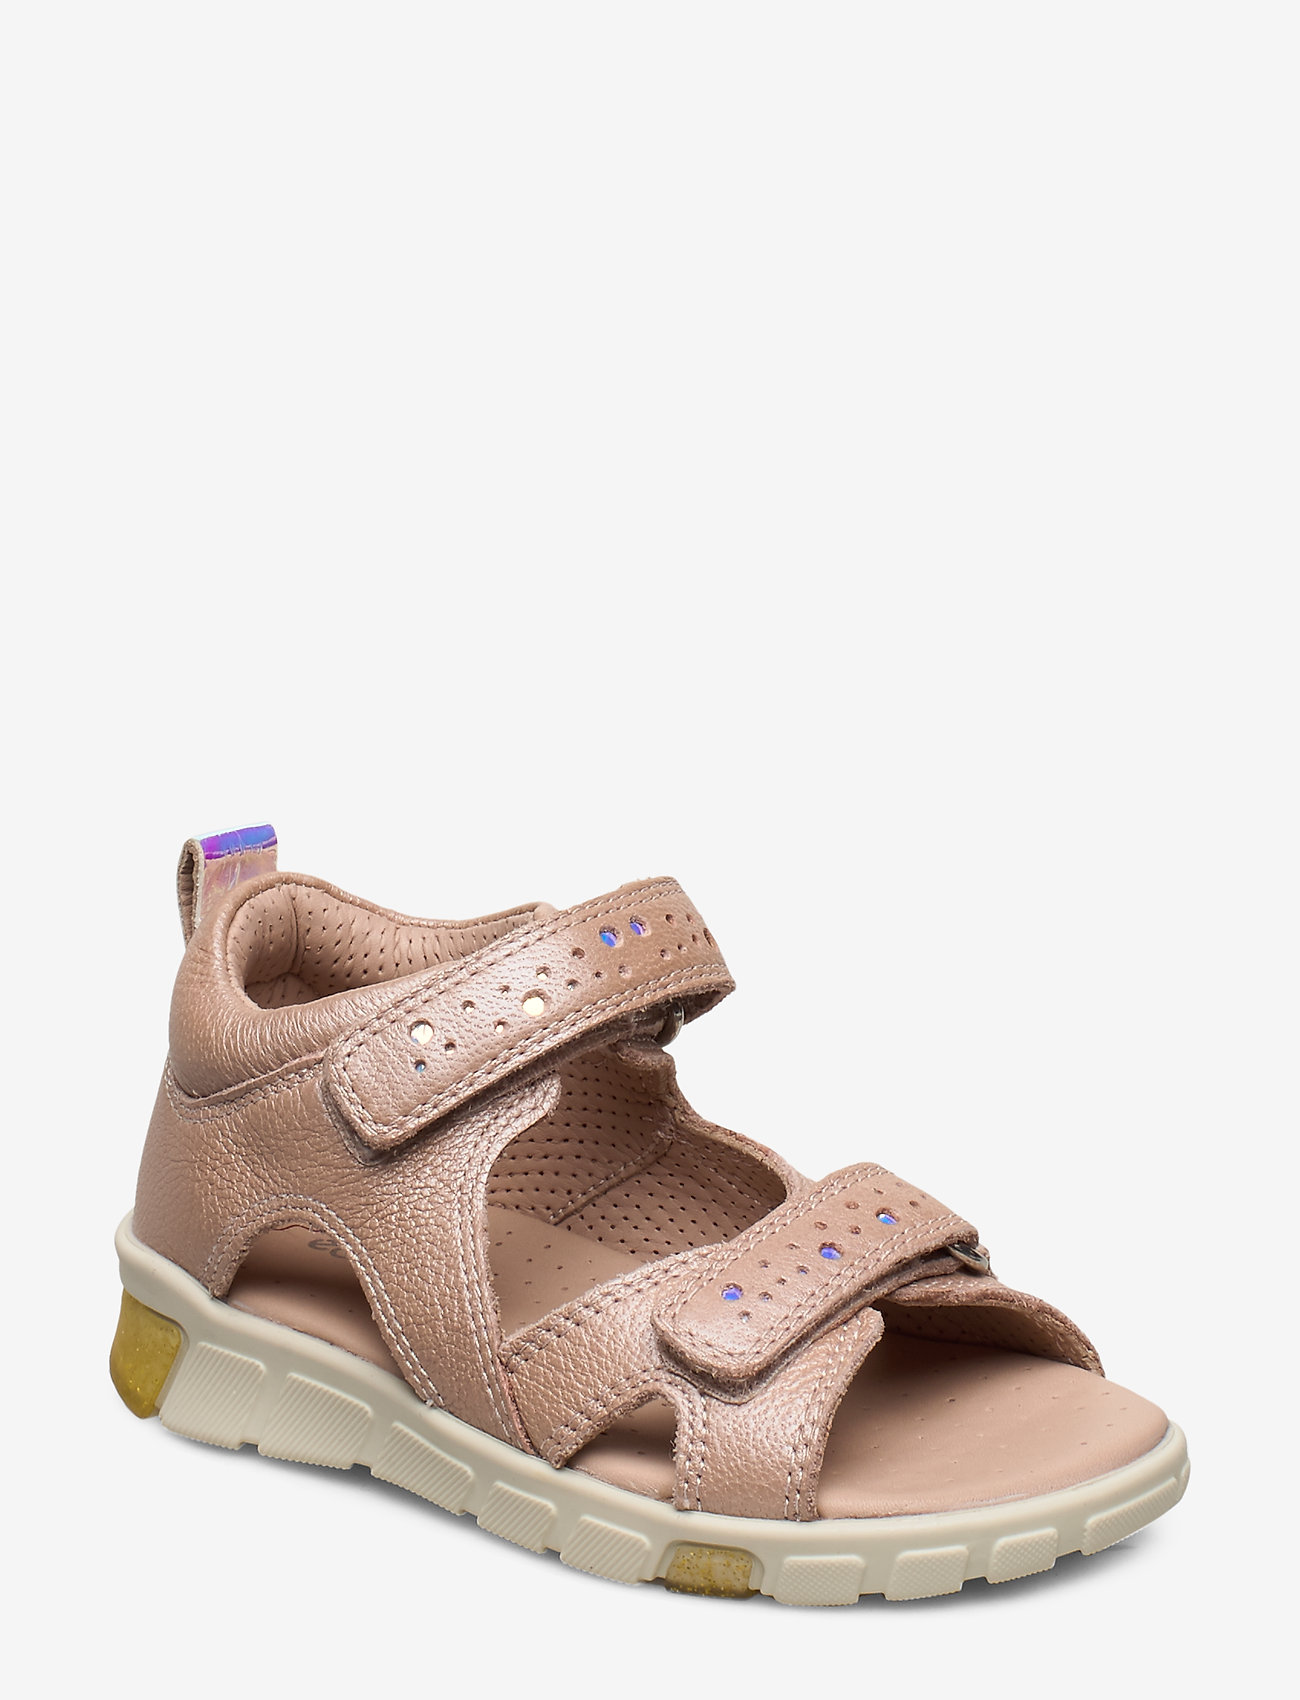 Ecco Mini Stride Sandal - Sandaler Rose Dust